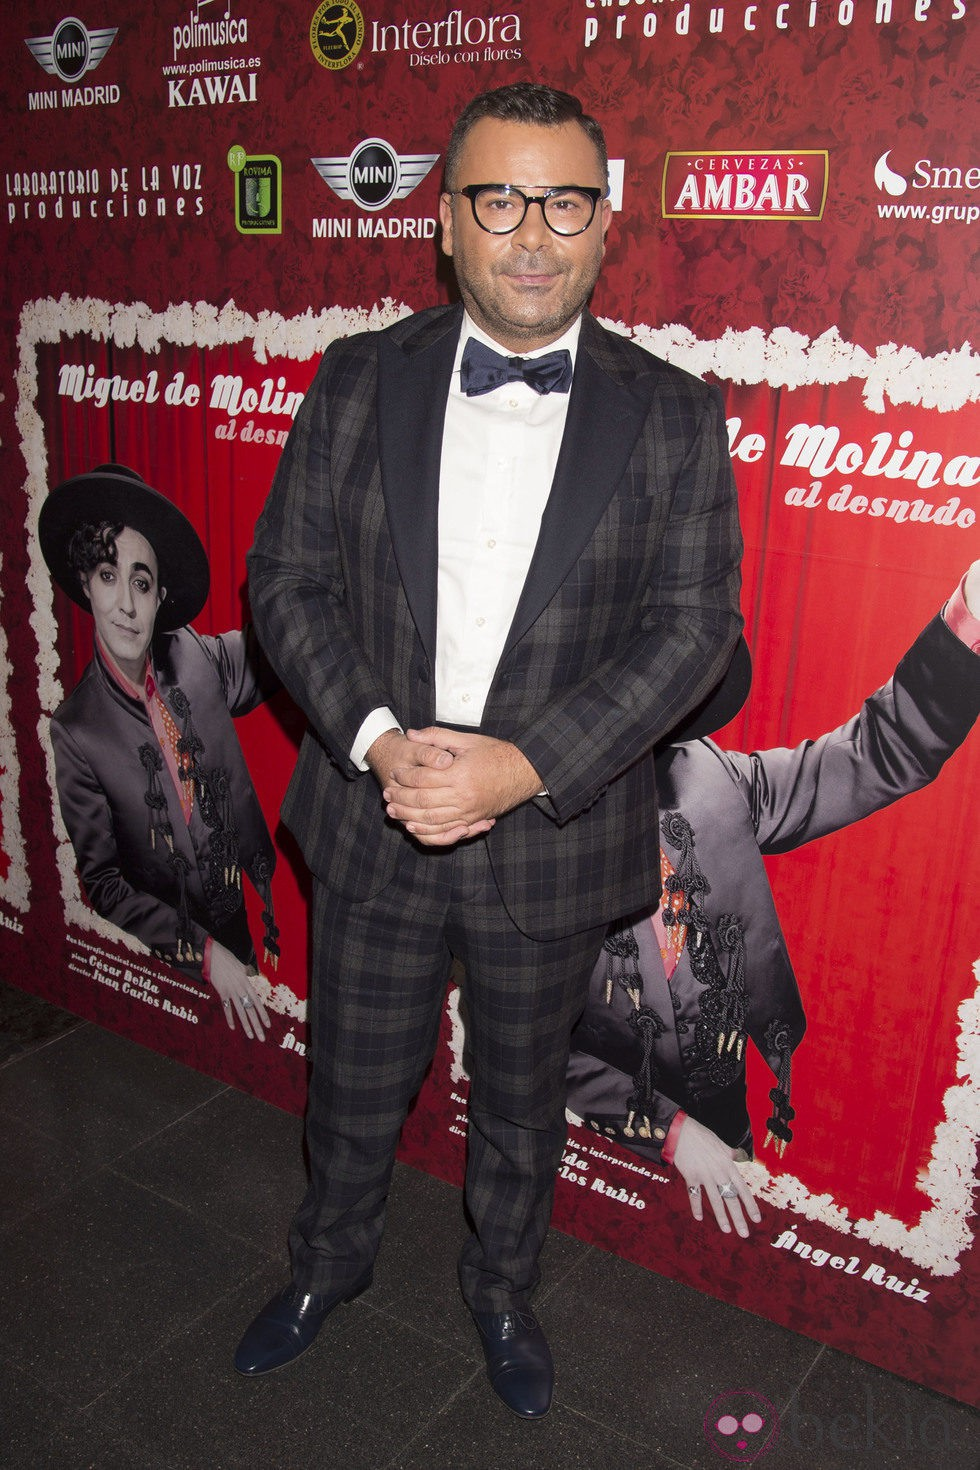 Jorge Javier Vázquez en el estreno de 'Miguel de Molina al desnudo'